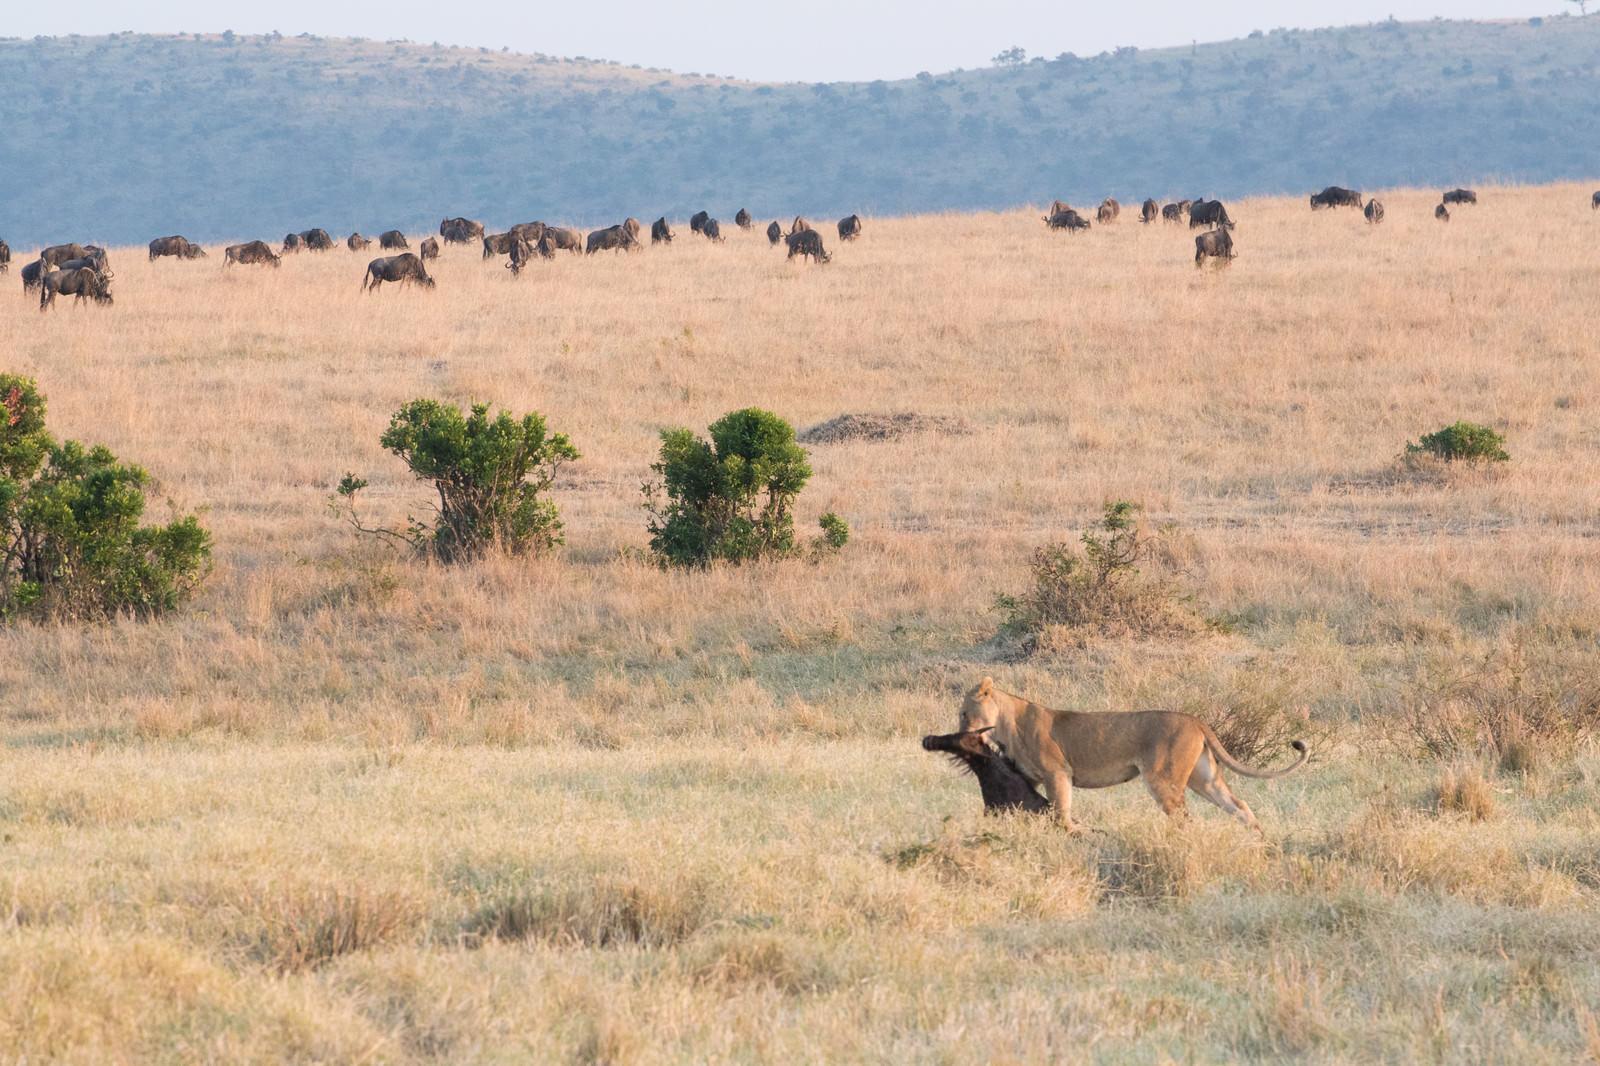 「狩りに成功したライオン」の写真